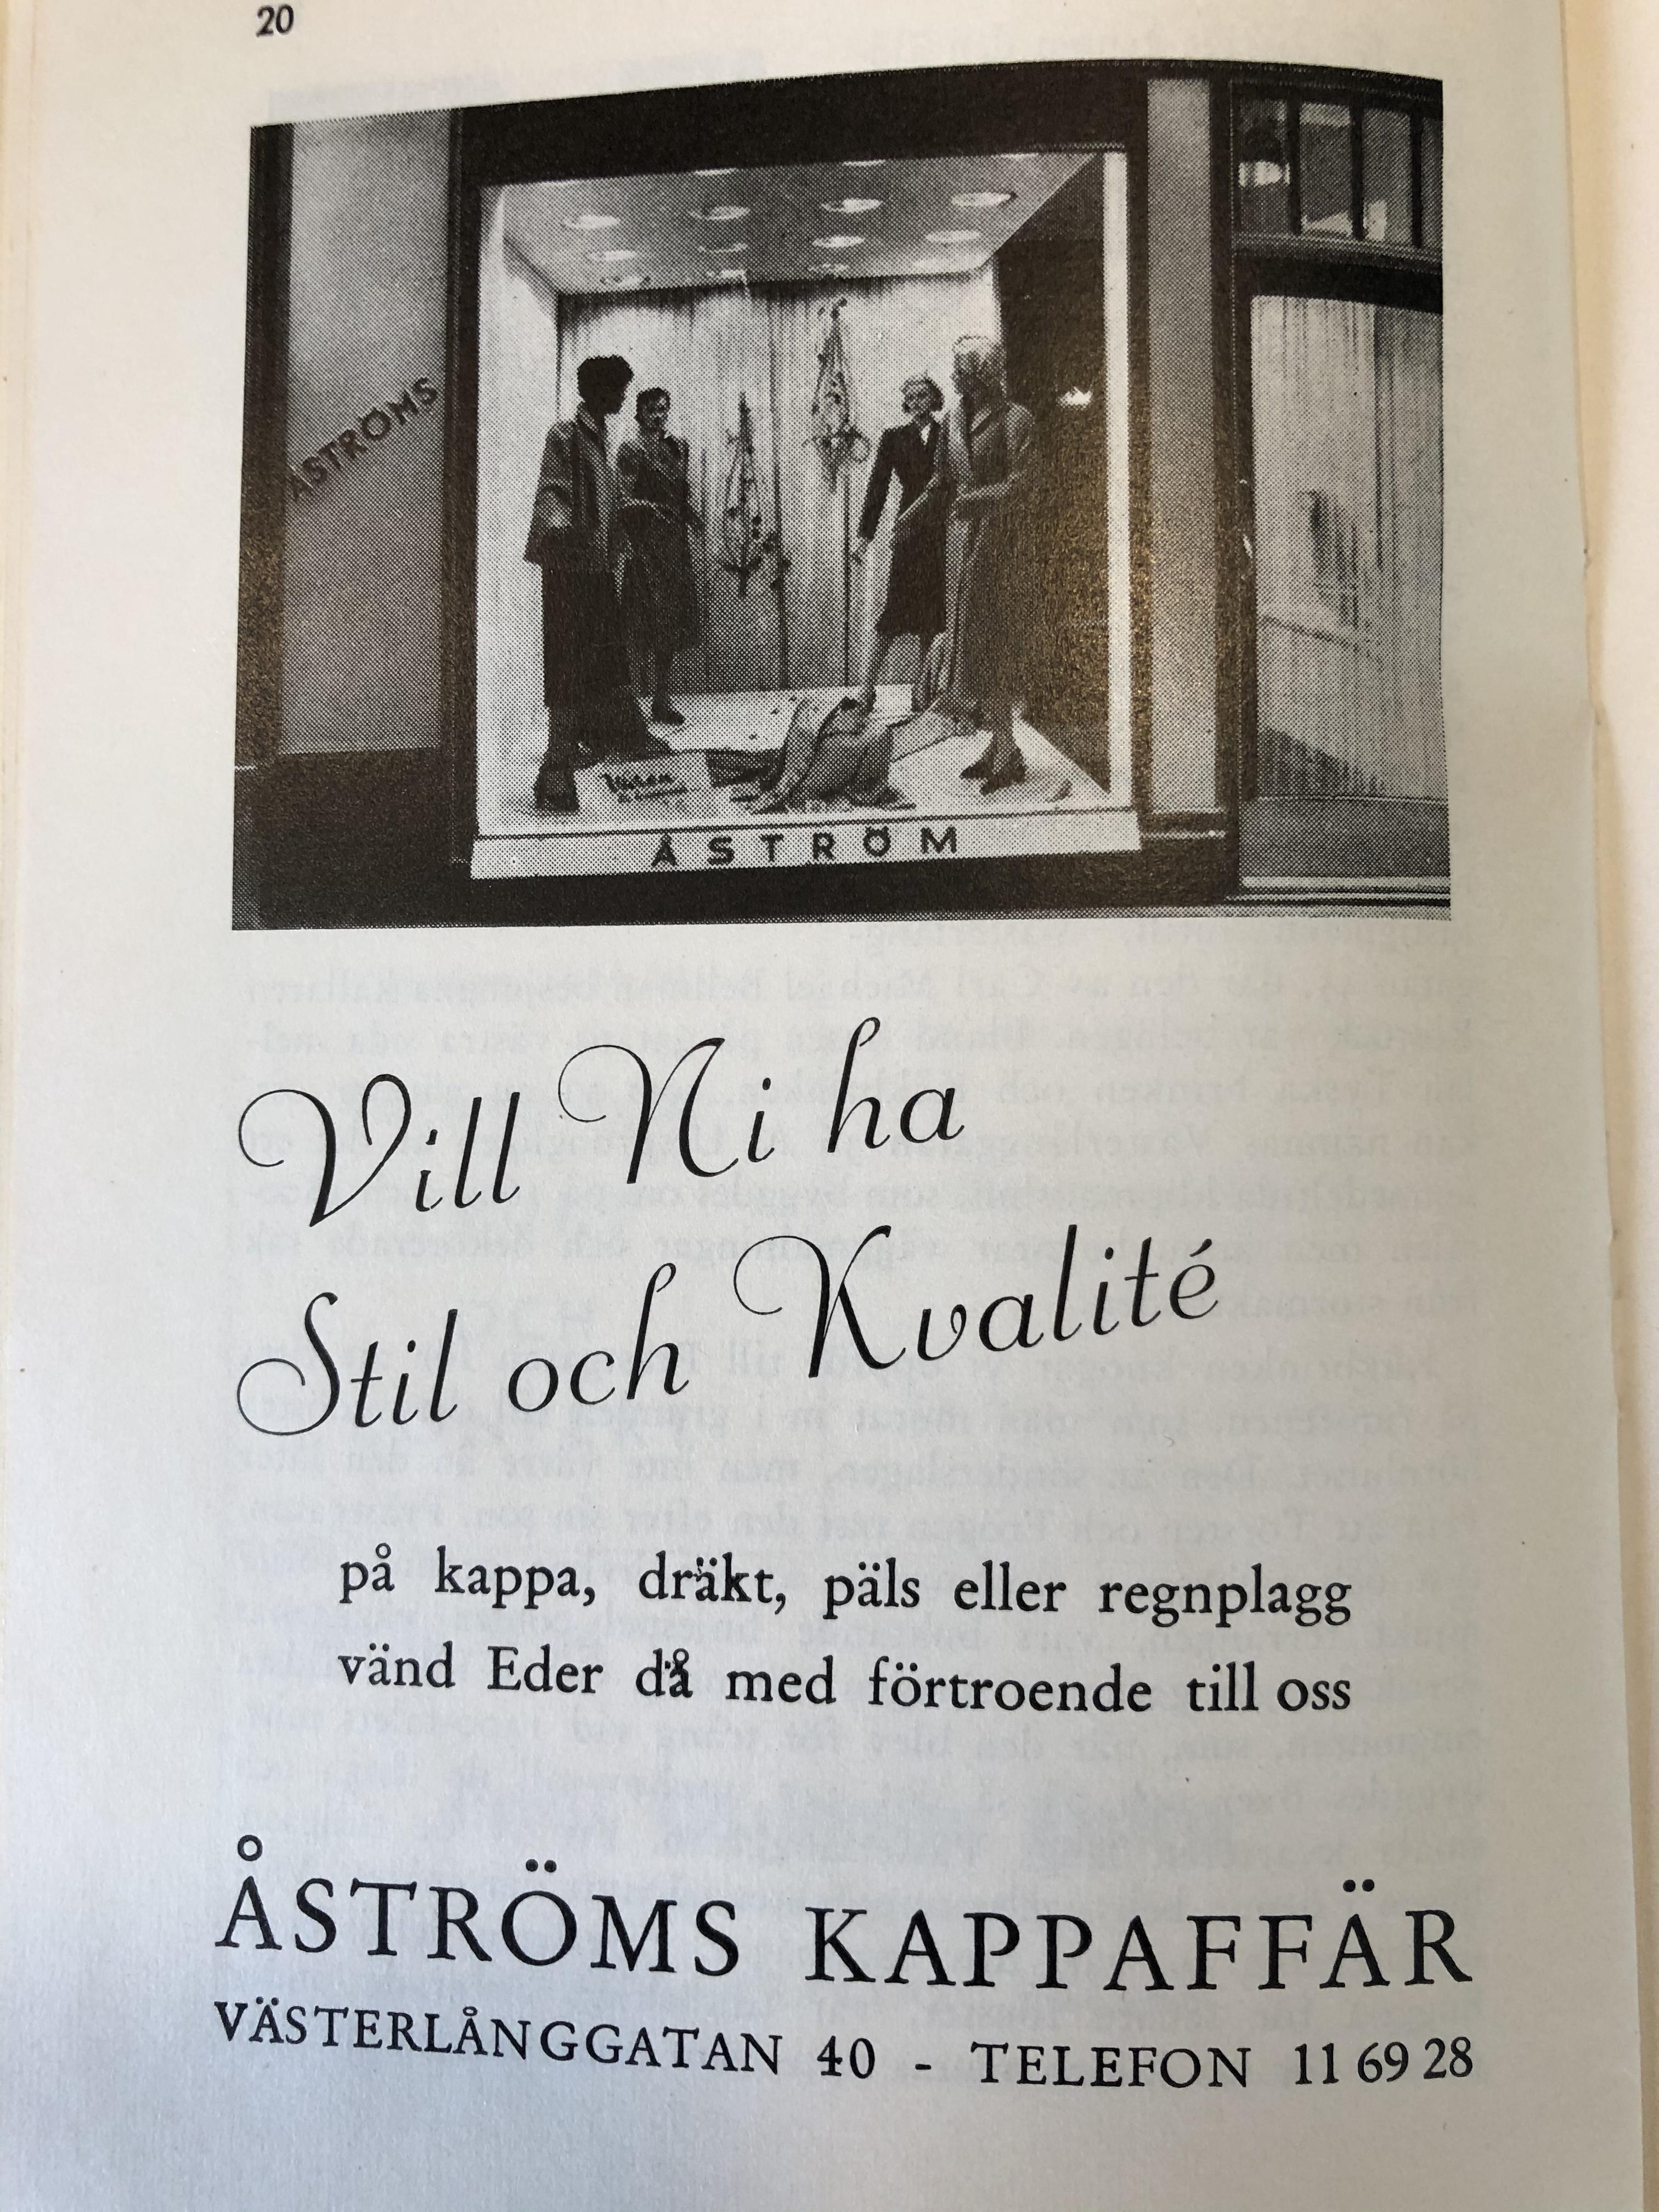 Åströms kappaffär 1950